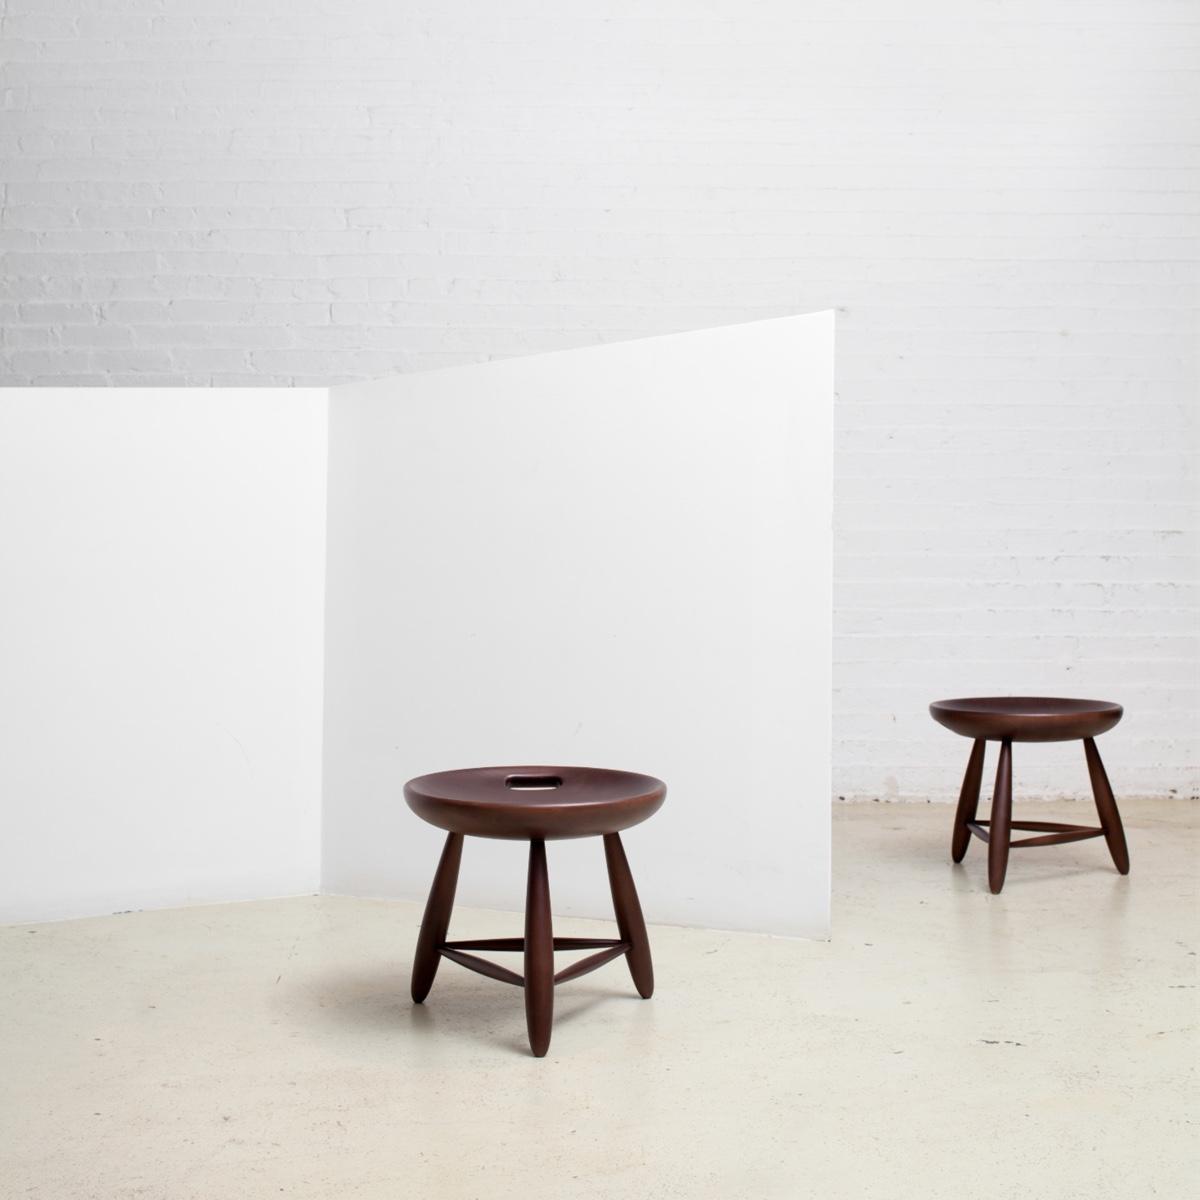 Mocho stool